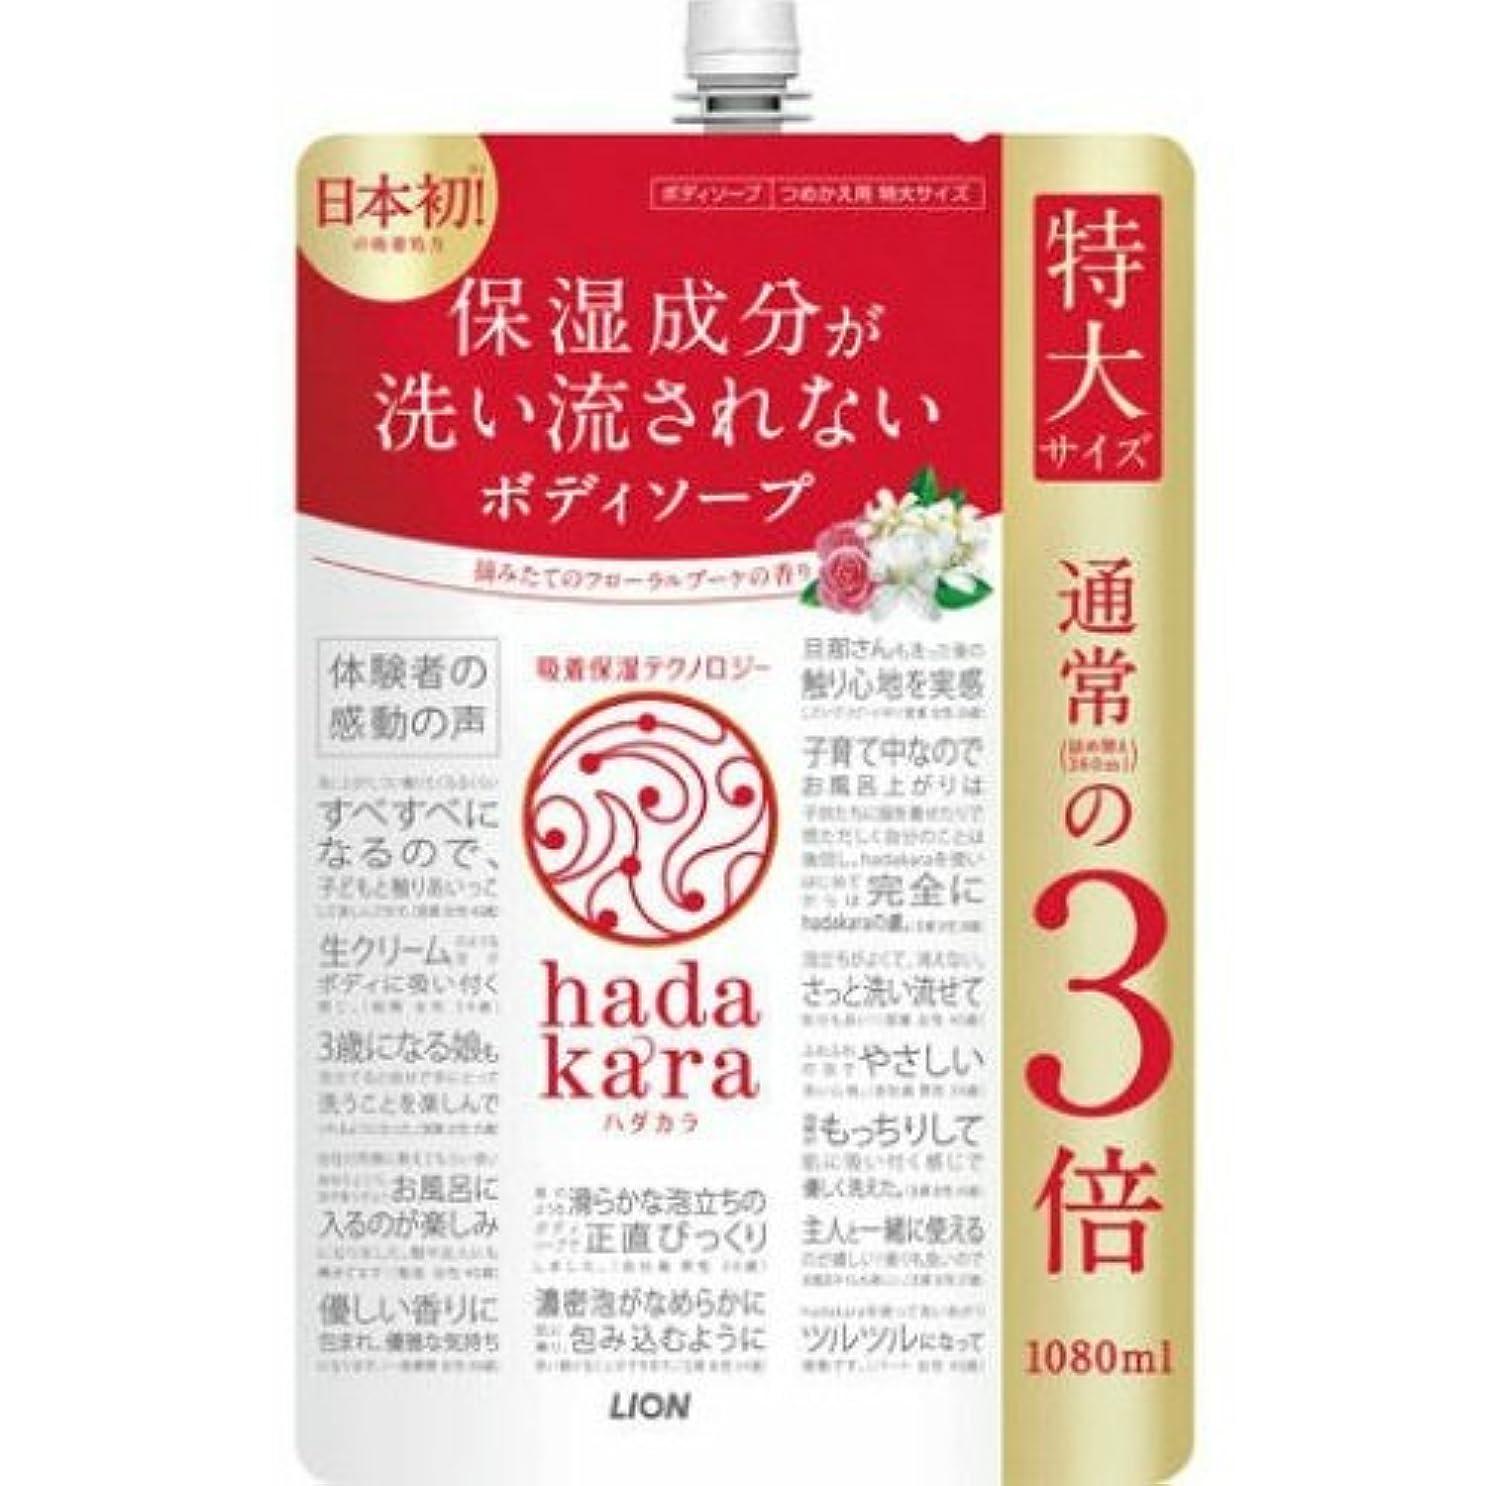 持つインタネットを見る足音LION ライオン hadakara ハダカラ ボディソープ フローラルブーケの香り つめかえ用 特大サイズ 1080ml ×3点セット(4903301260875)